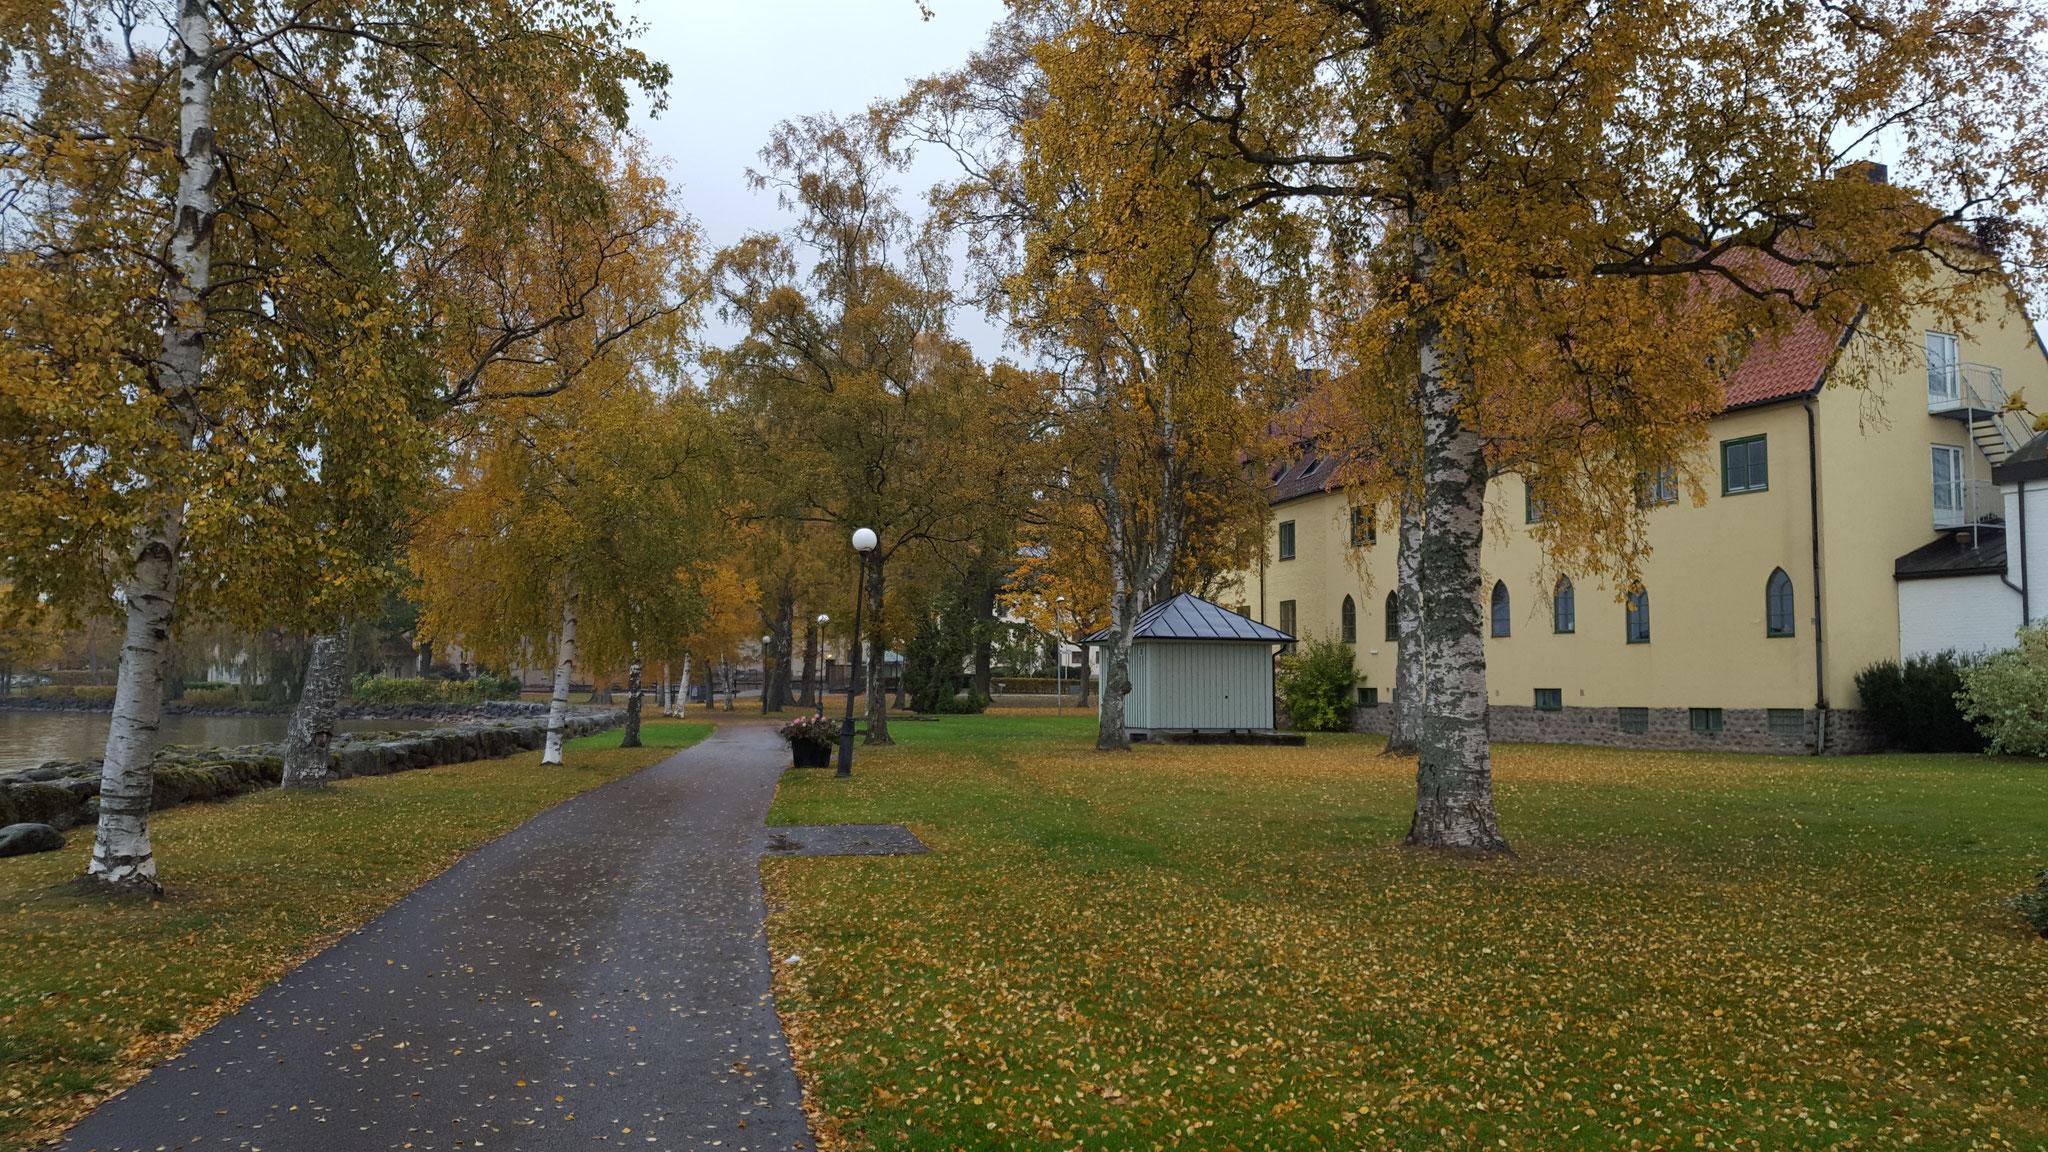 Das Gästeheim der Birgittaschwestern in Vadstena